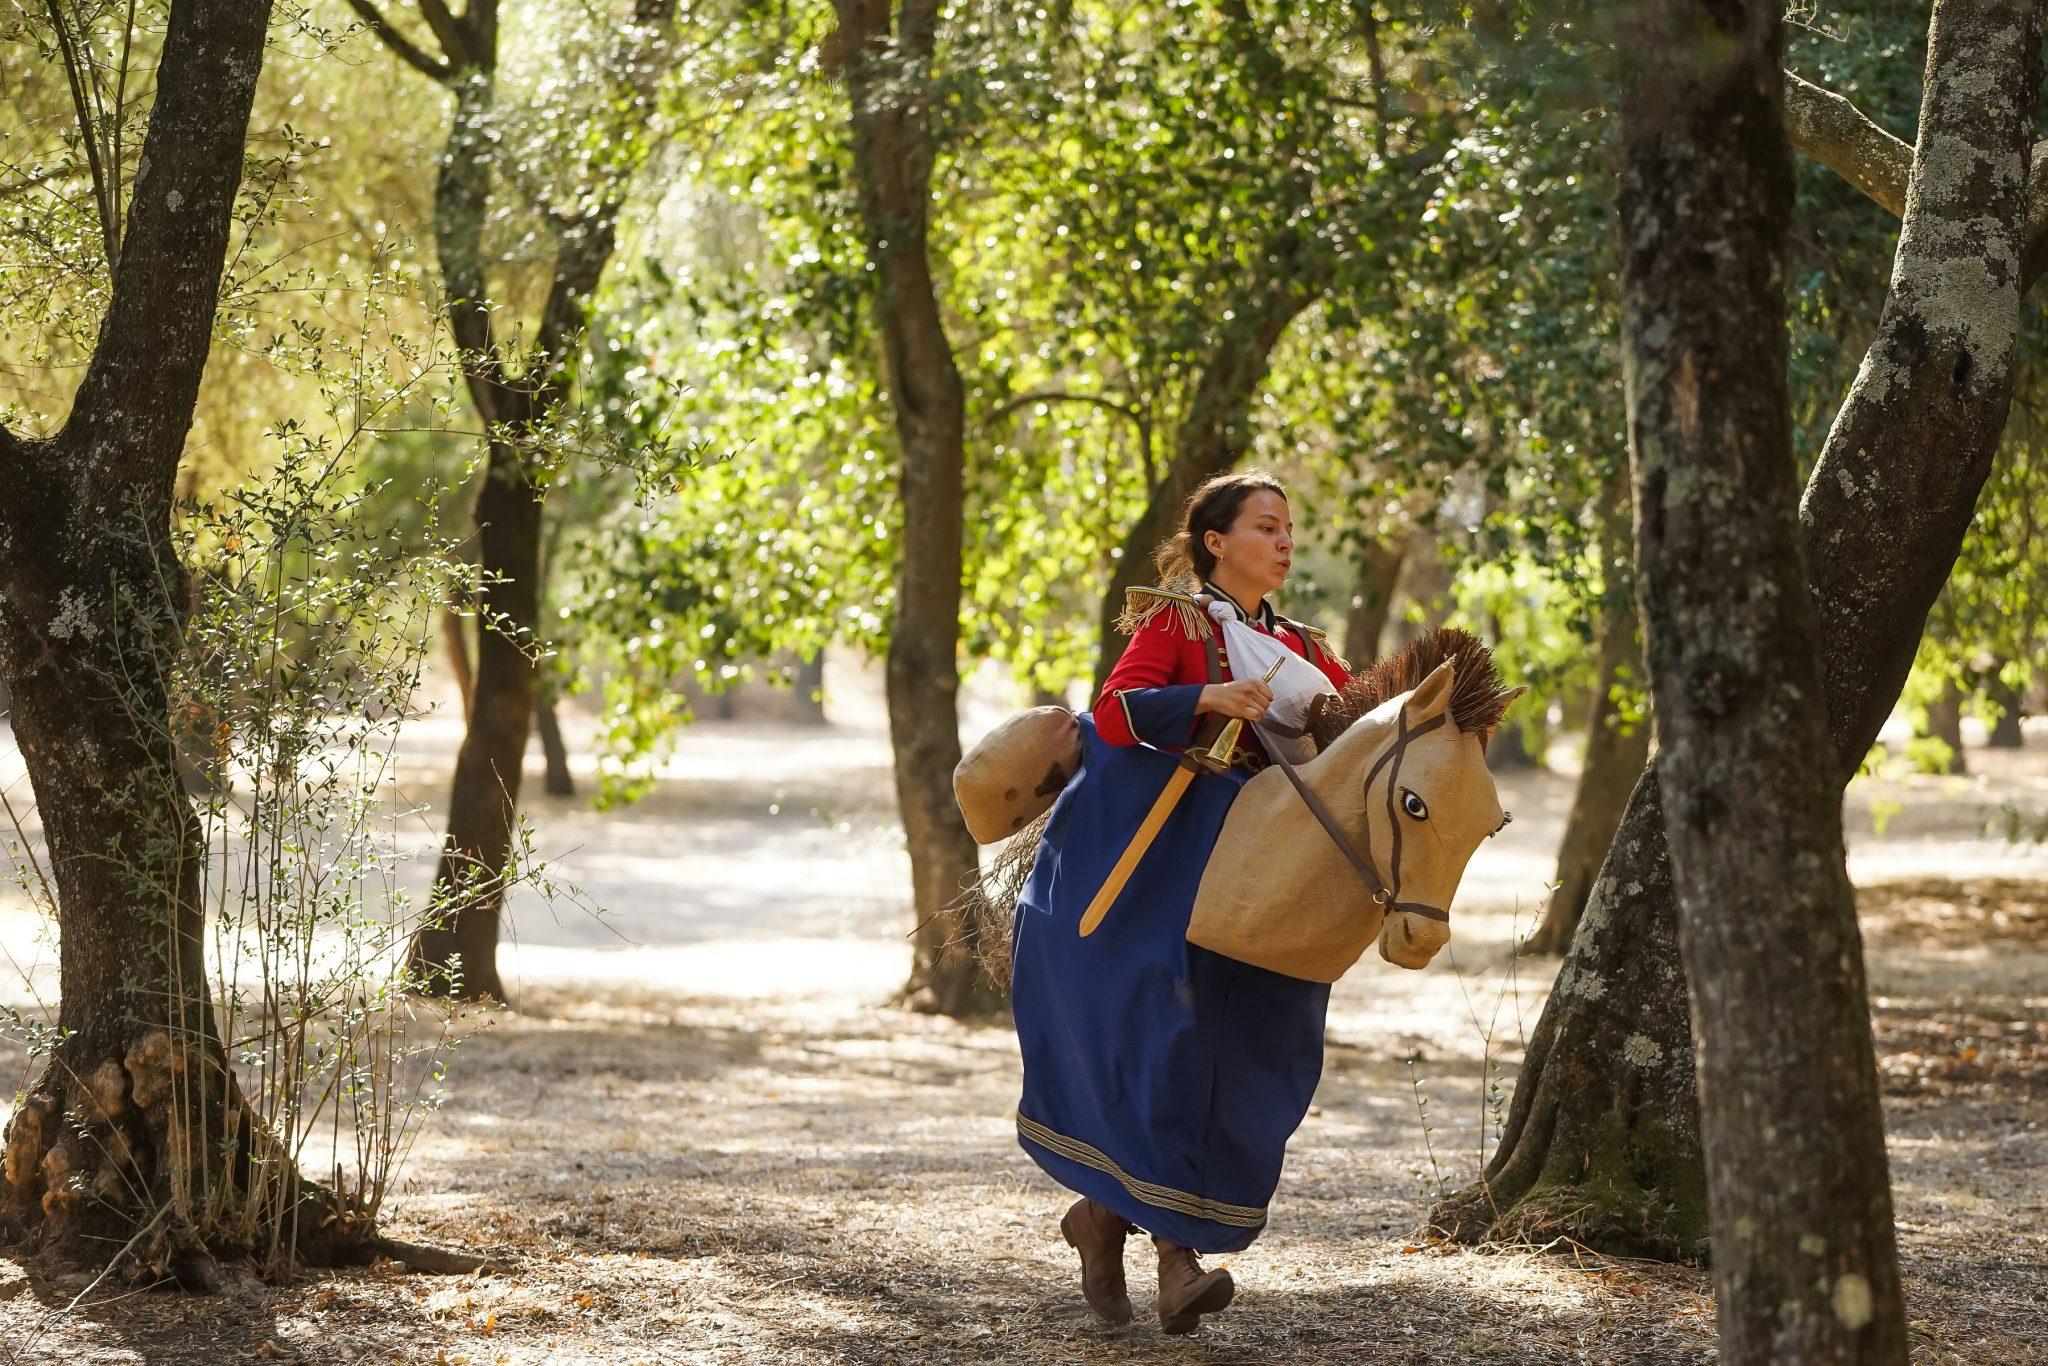 Mulher de frente para o observador, com casaco militar e espada de madeira, num cavalo feito com uma estrutura de pano, simulando o trote do cavalo